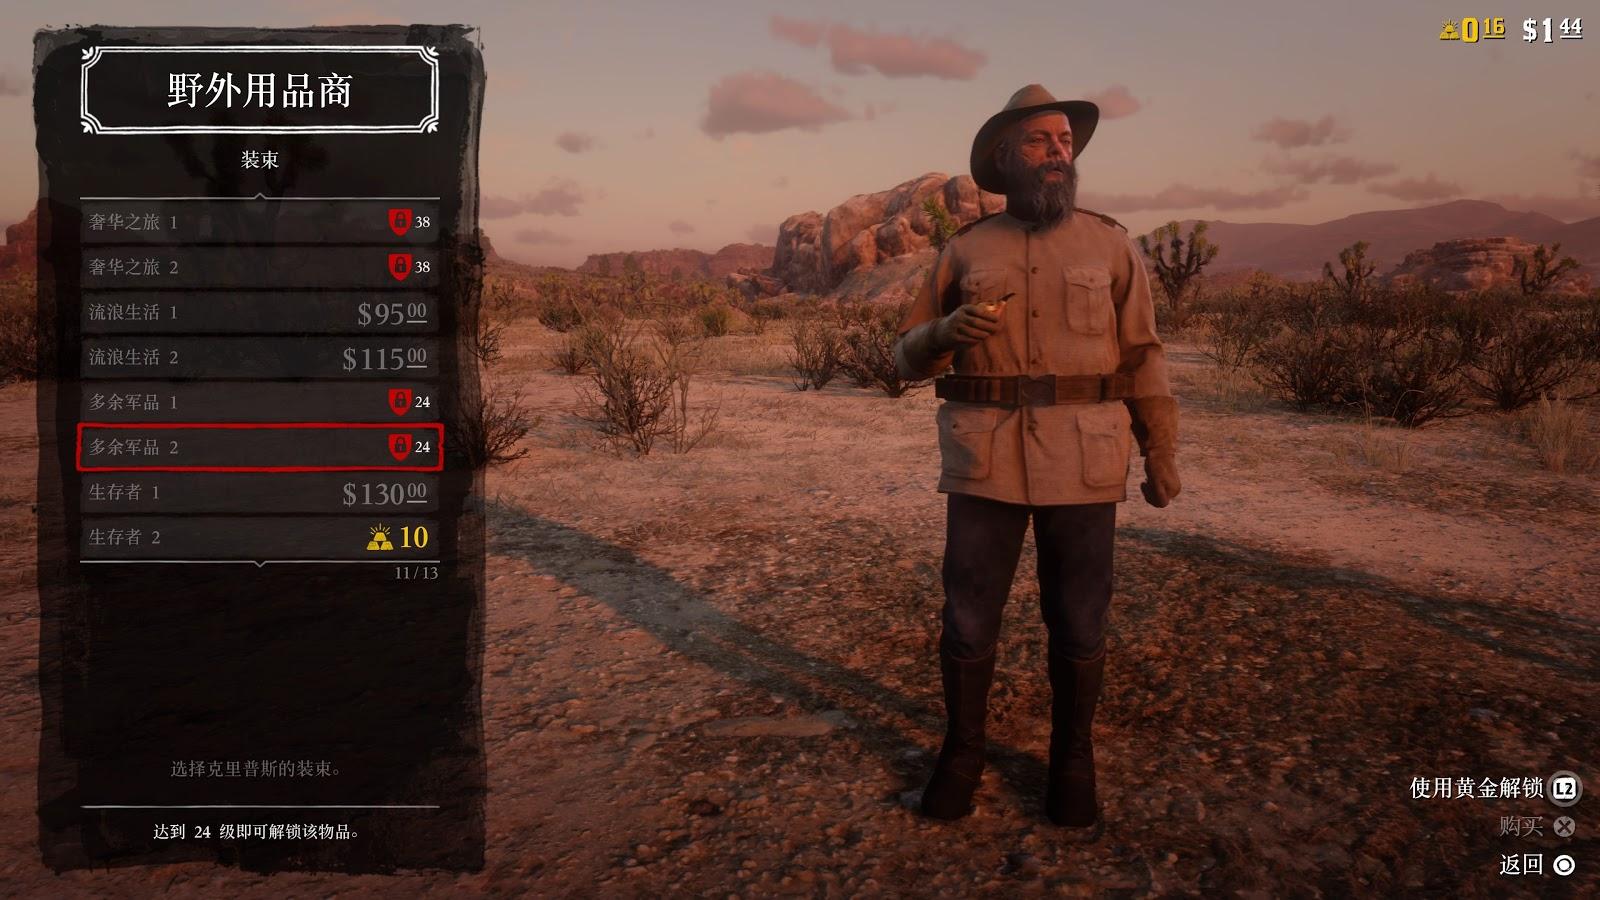 碧血狂殺 2 (Red Dead Redemption 2) 線上模式新手攻略 | 娛樂計程車